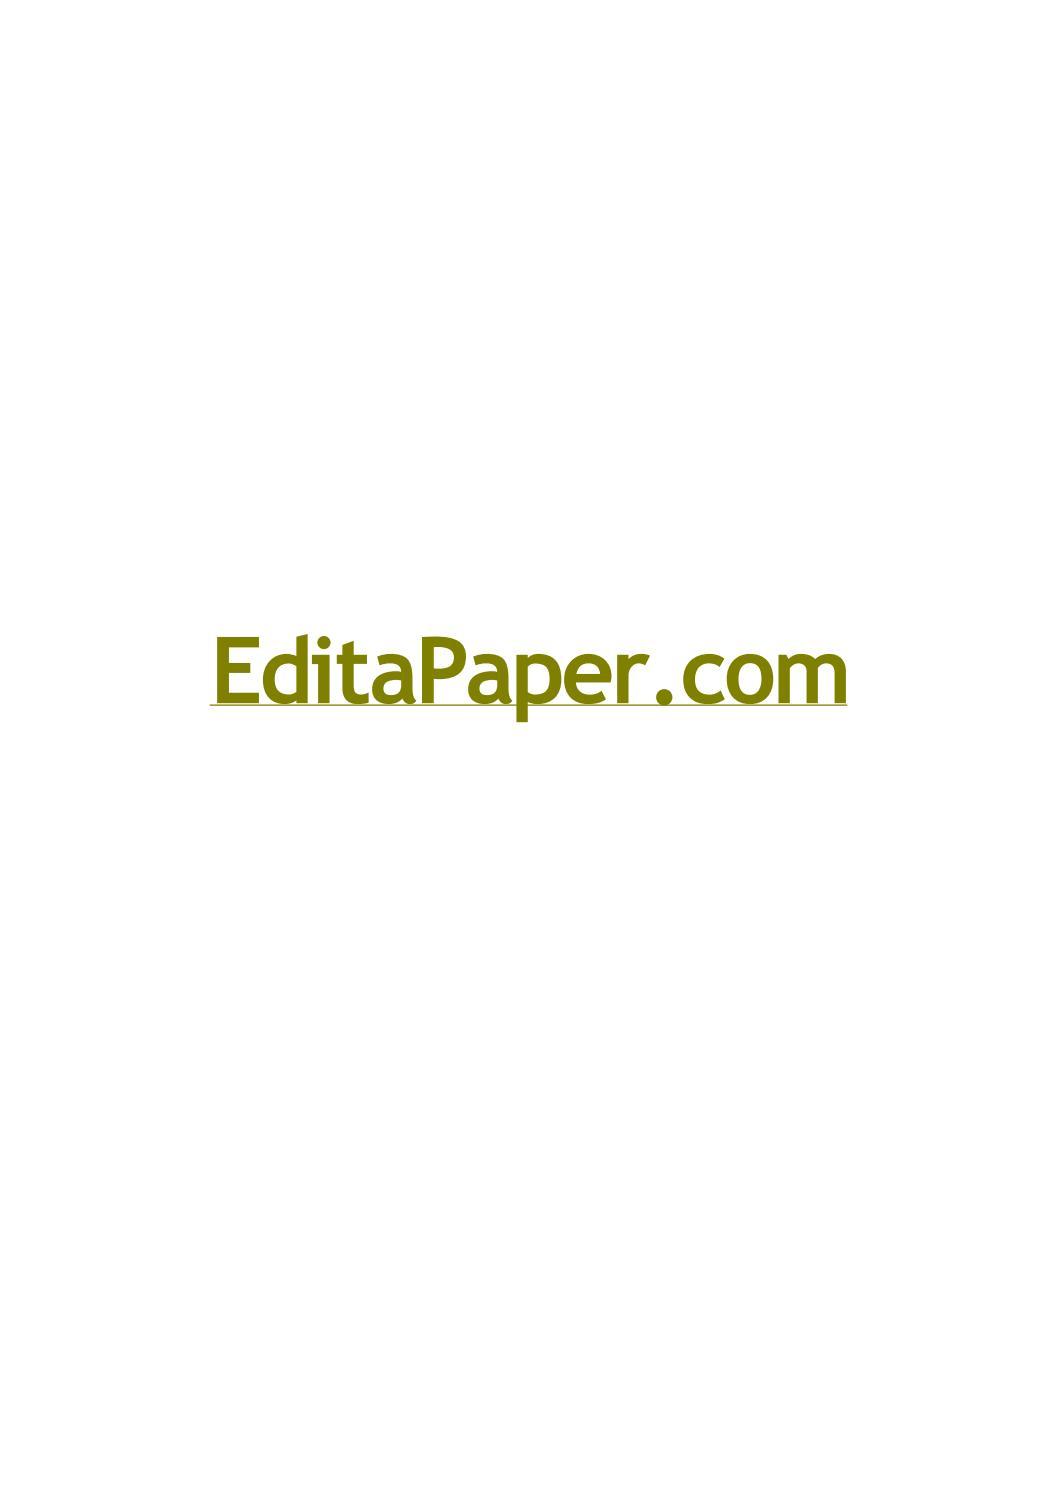 ACCEPTED YALE ESSAYS REDDIT by codyuyhbc - issuu